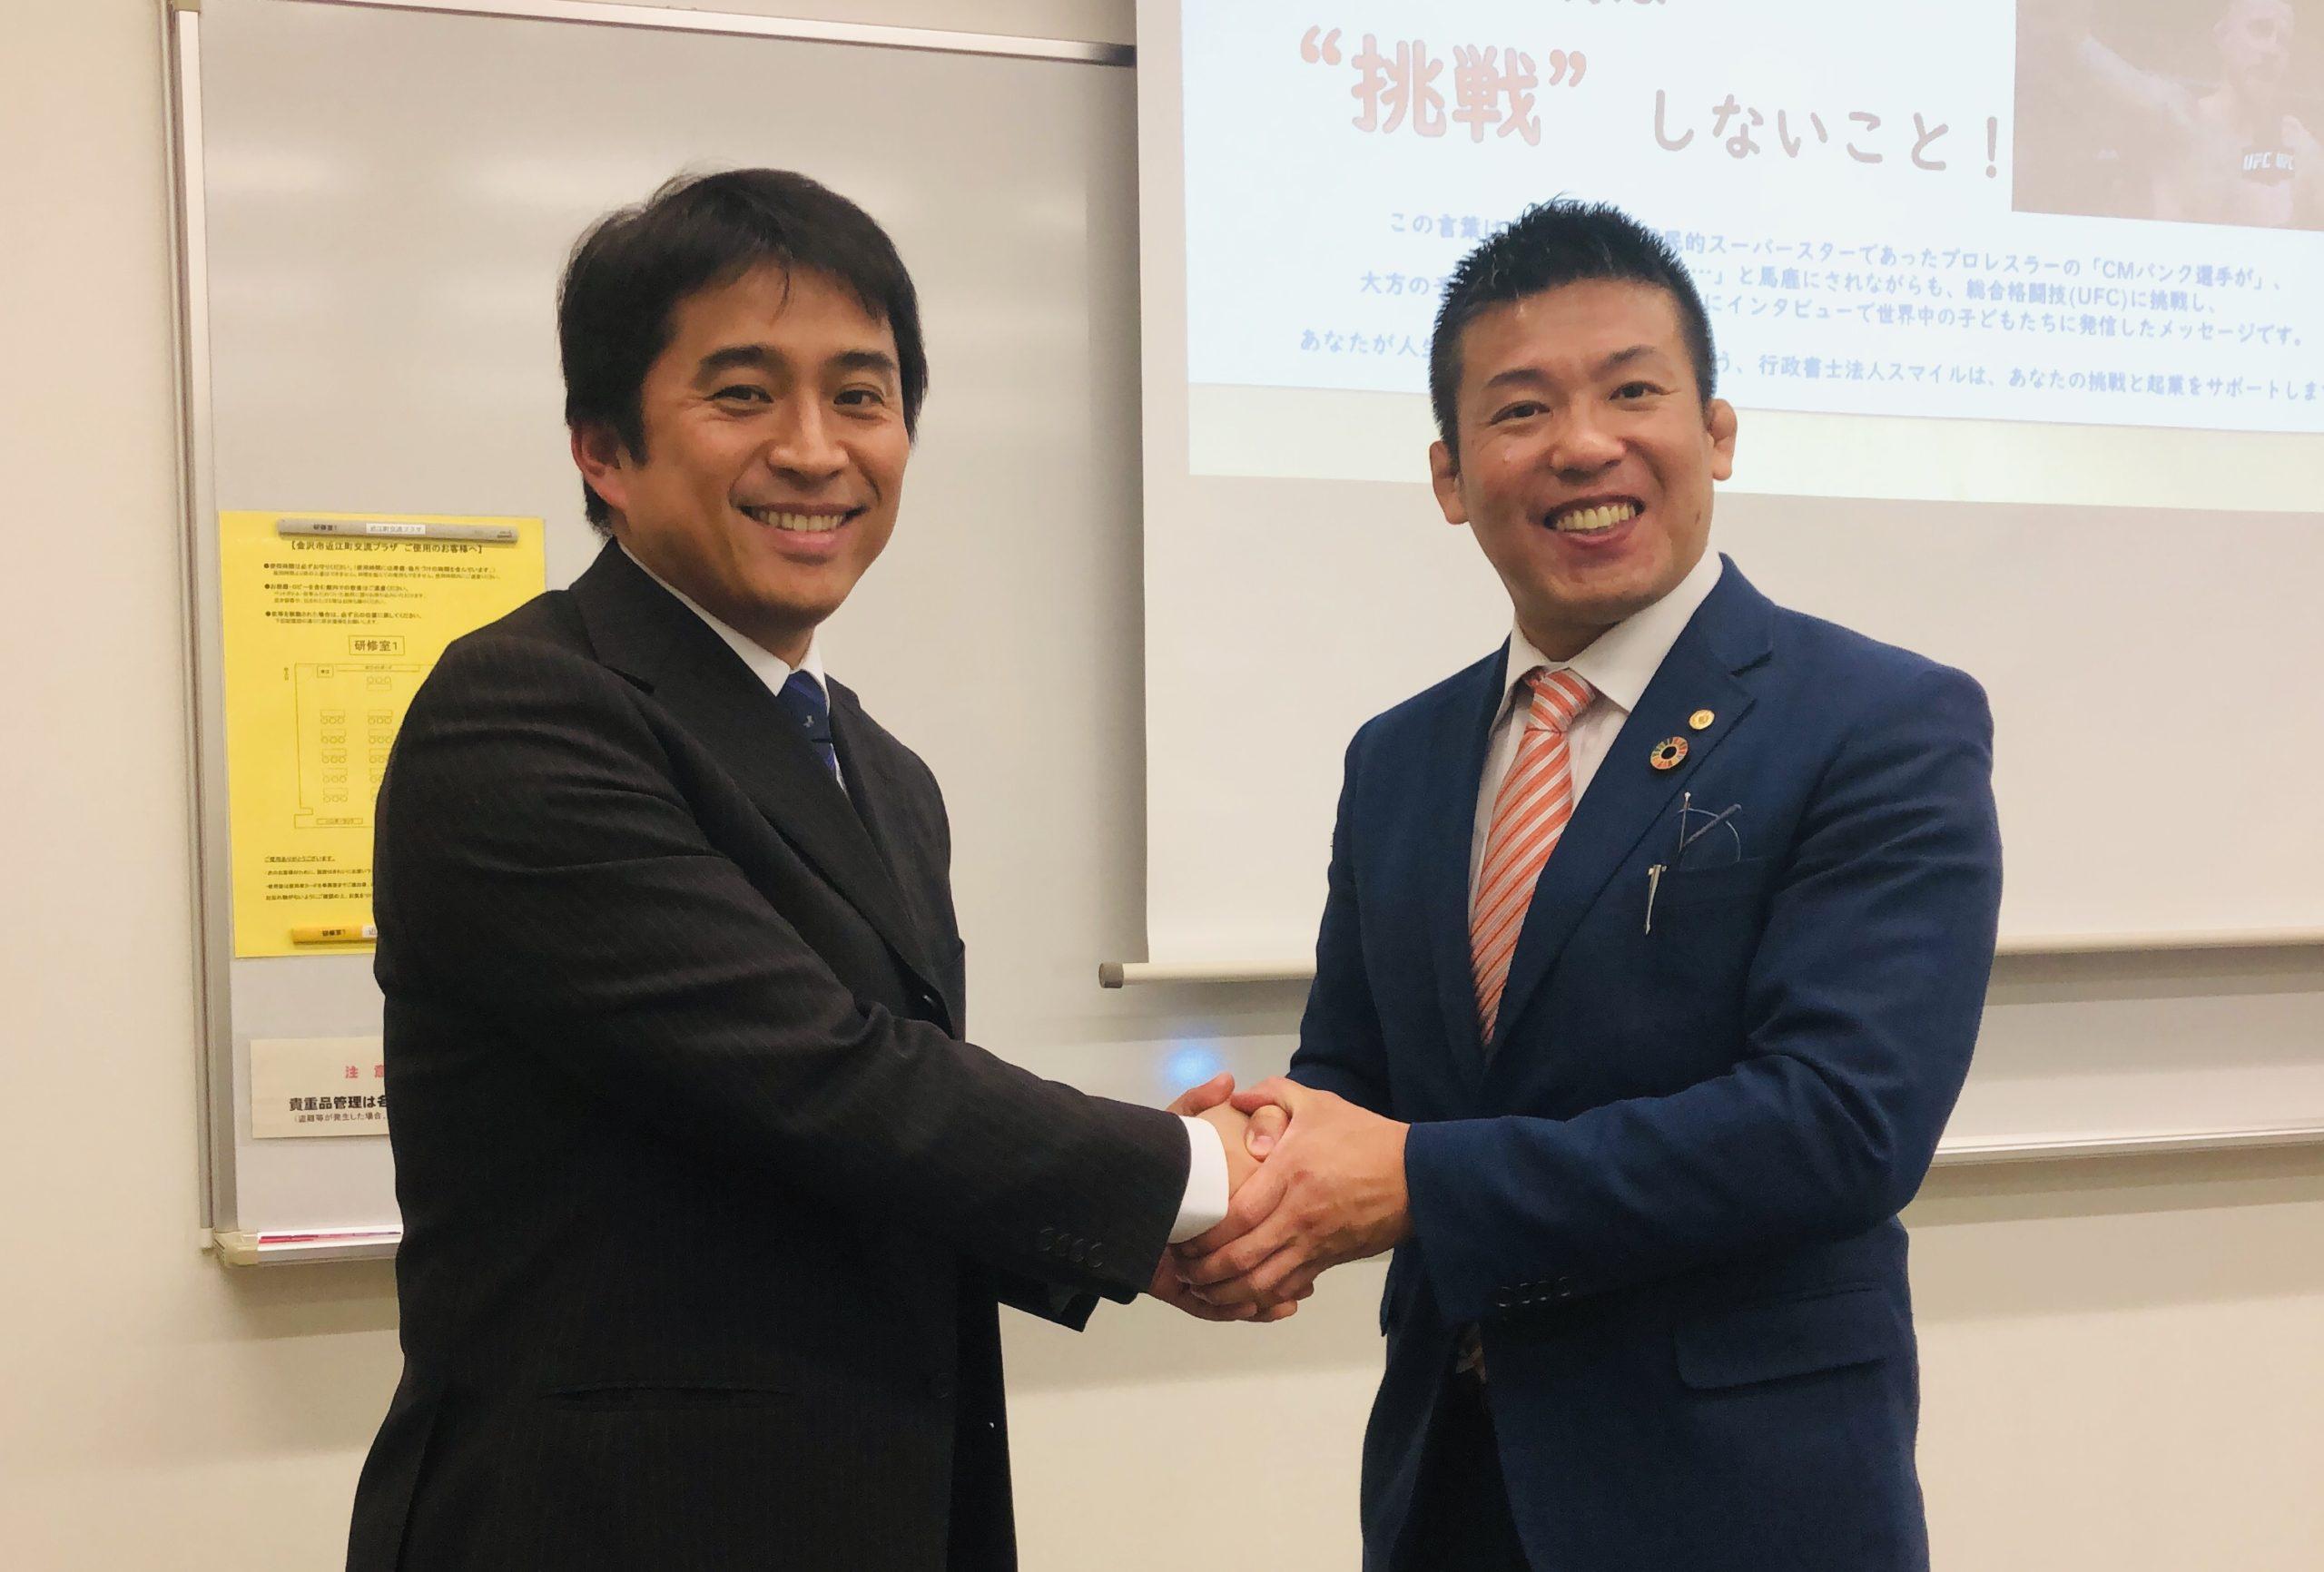 起業セミナー!石川県で活躍する起業支援・会社設立専門の行政書士法人スマイルが親切・丁寧にご案内いたします!